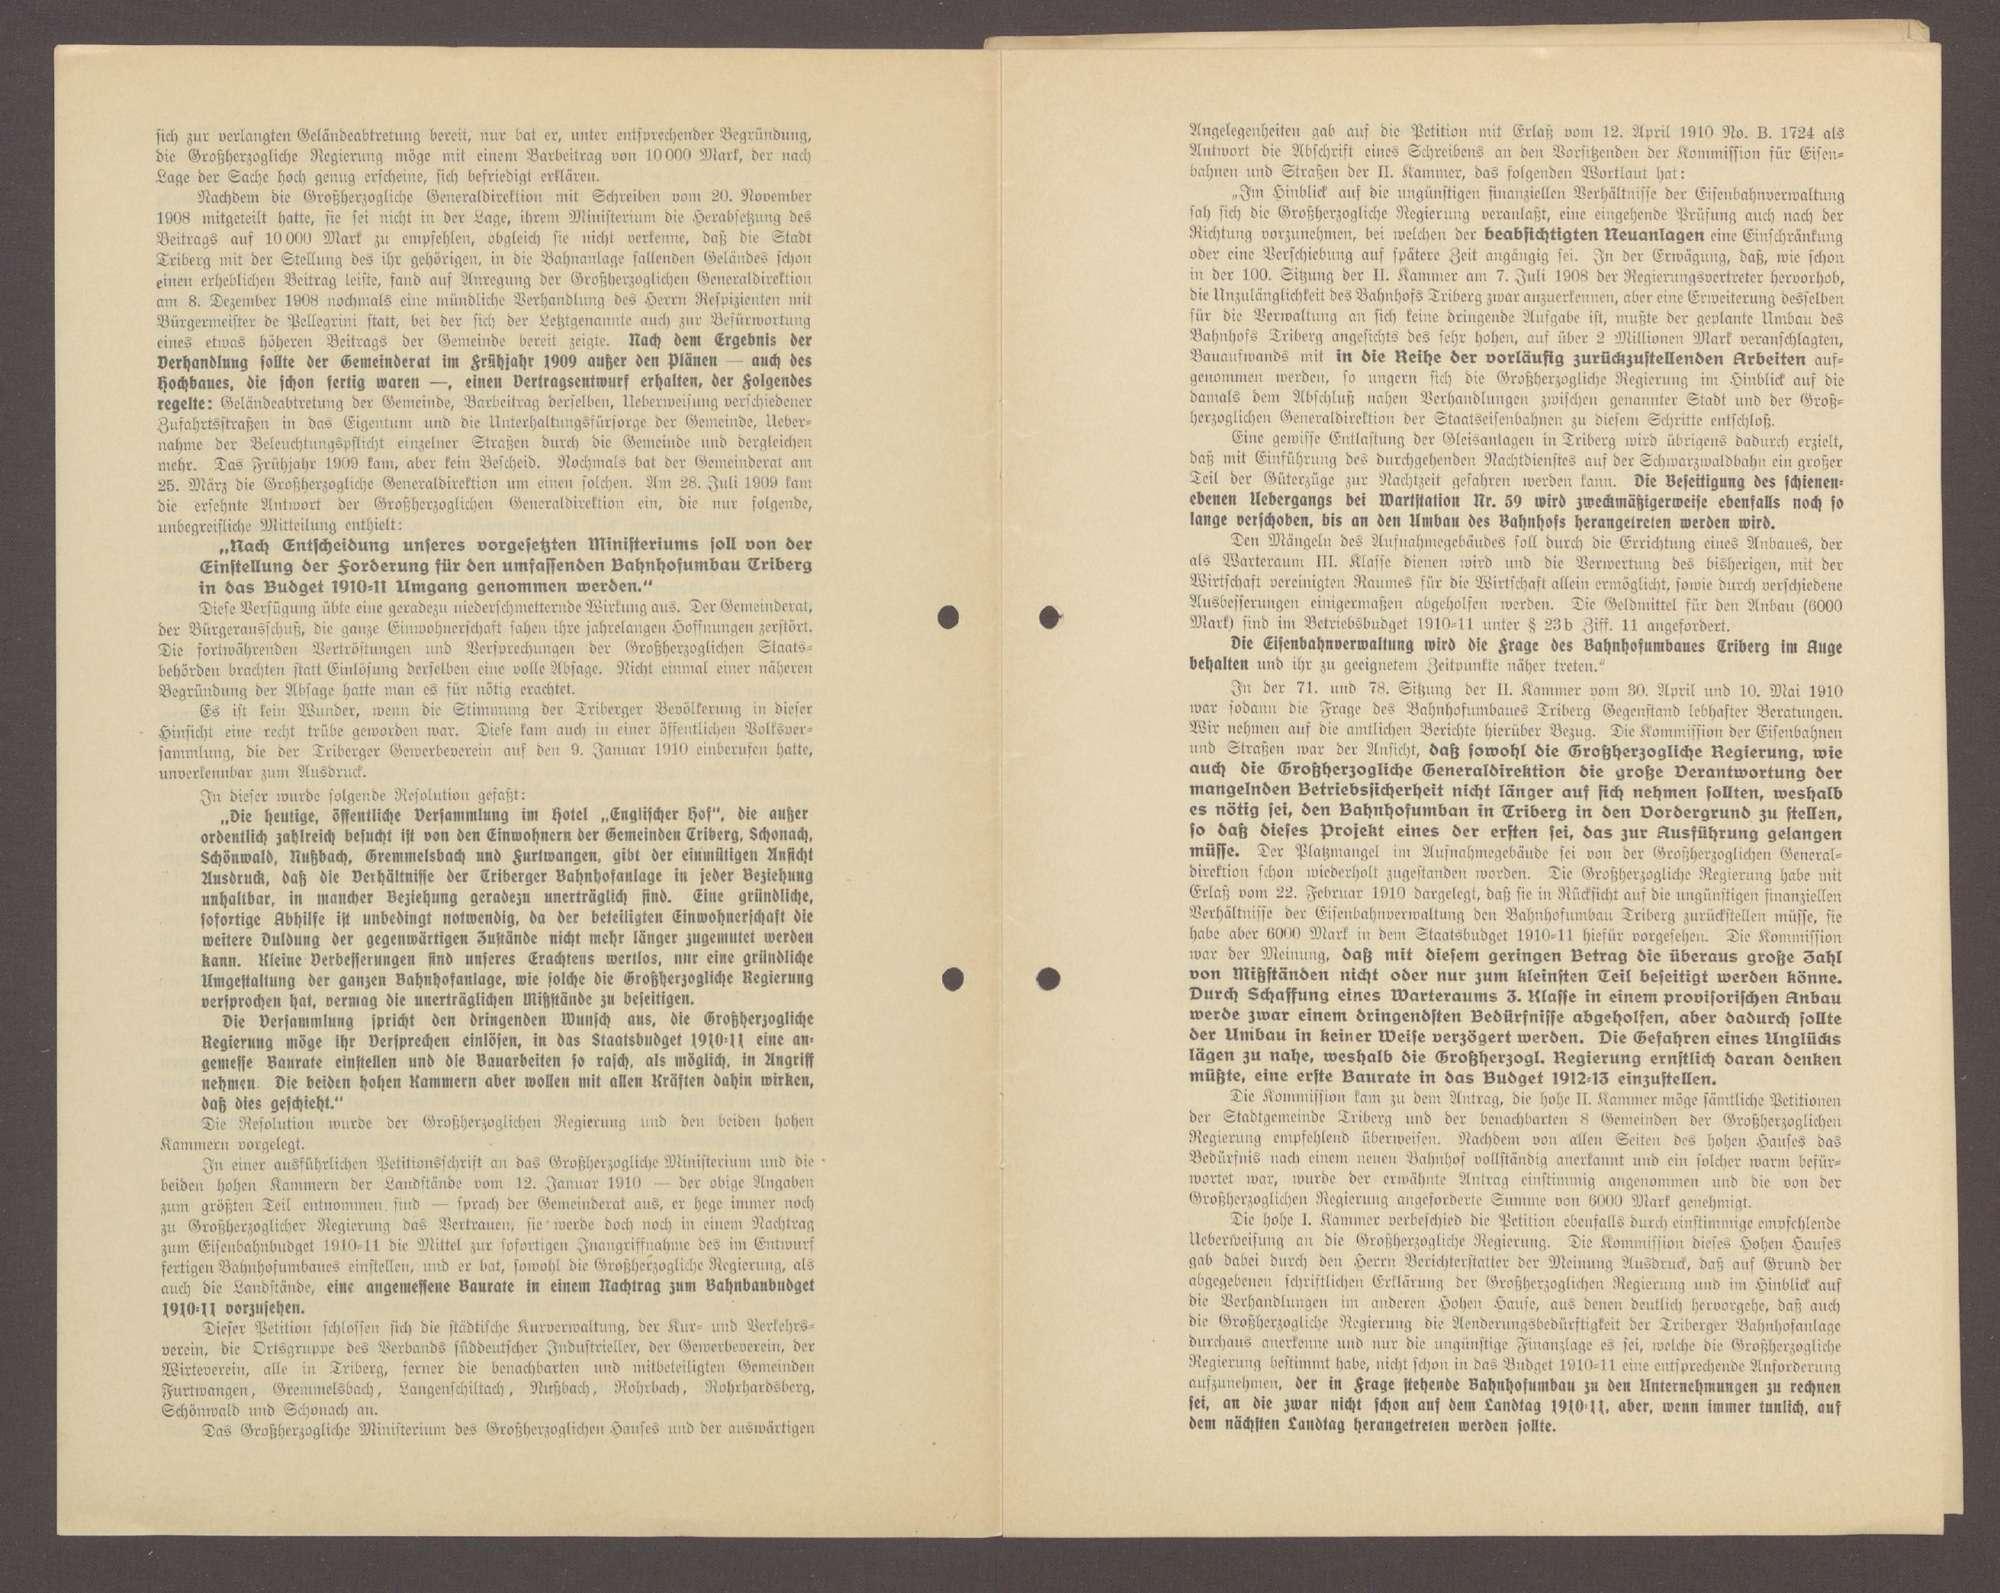 Druckschrift: Eingabe des Gemeinderates der Stadt Triberg an die hohe Zweite Kammer der badischen Landstände in Karlsruhe, Bild 3